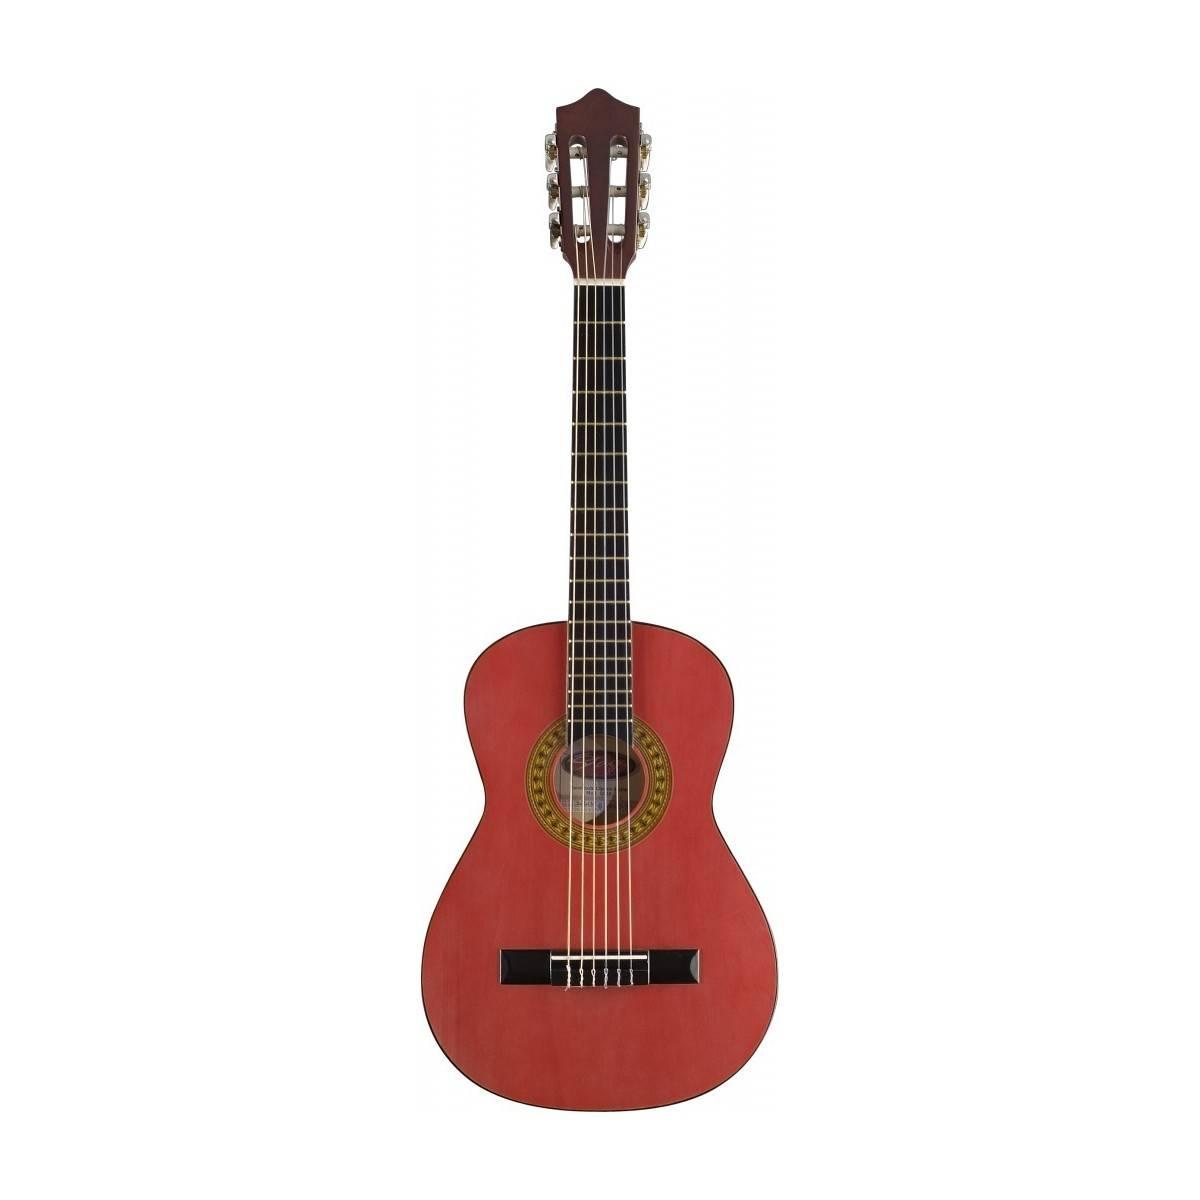 Guitare classique 3/4 Tilleul/Erable Rouge